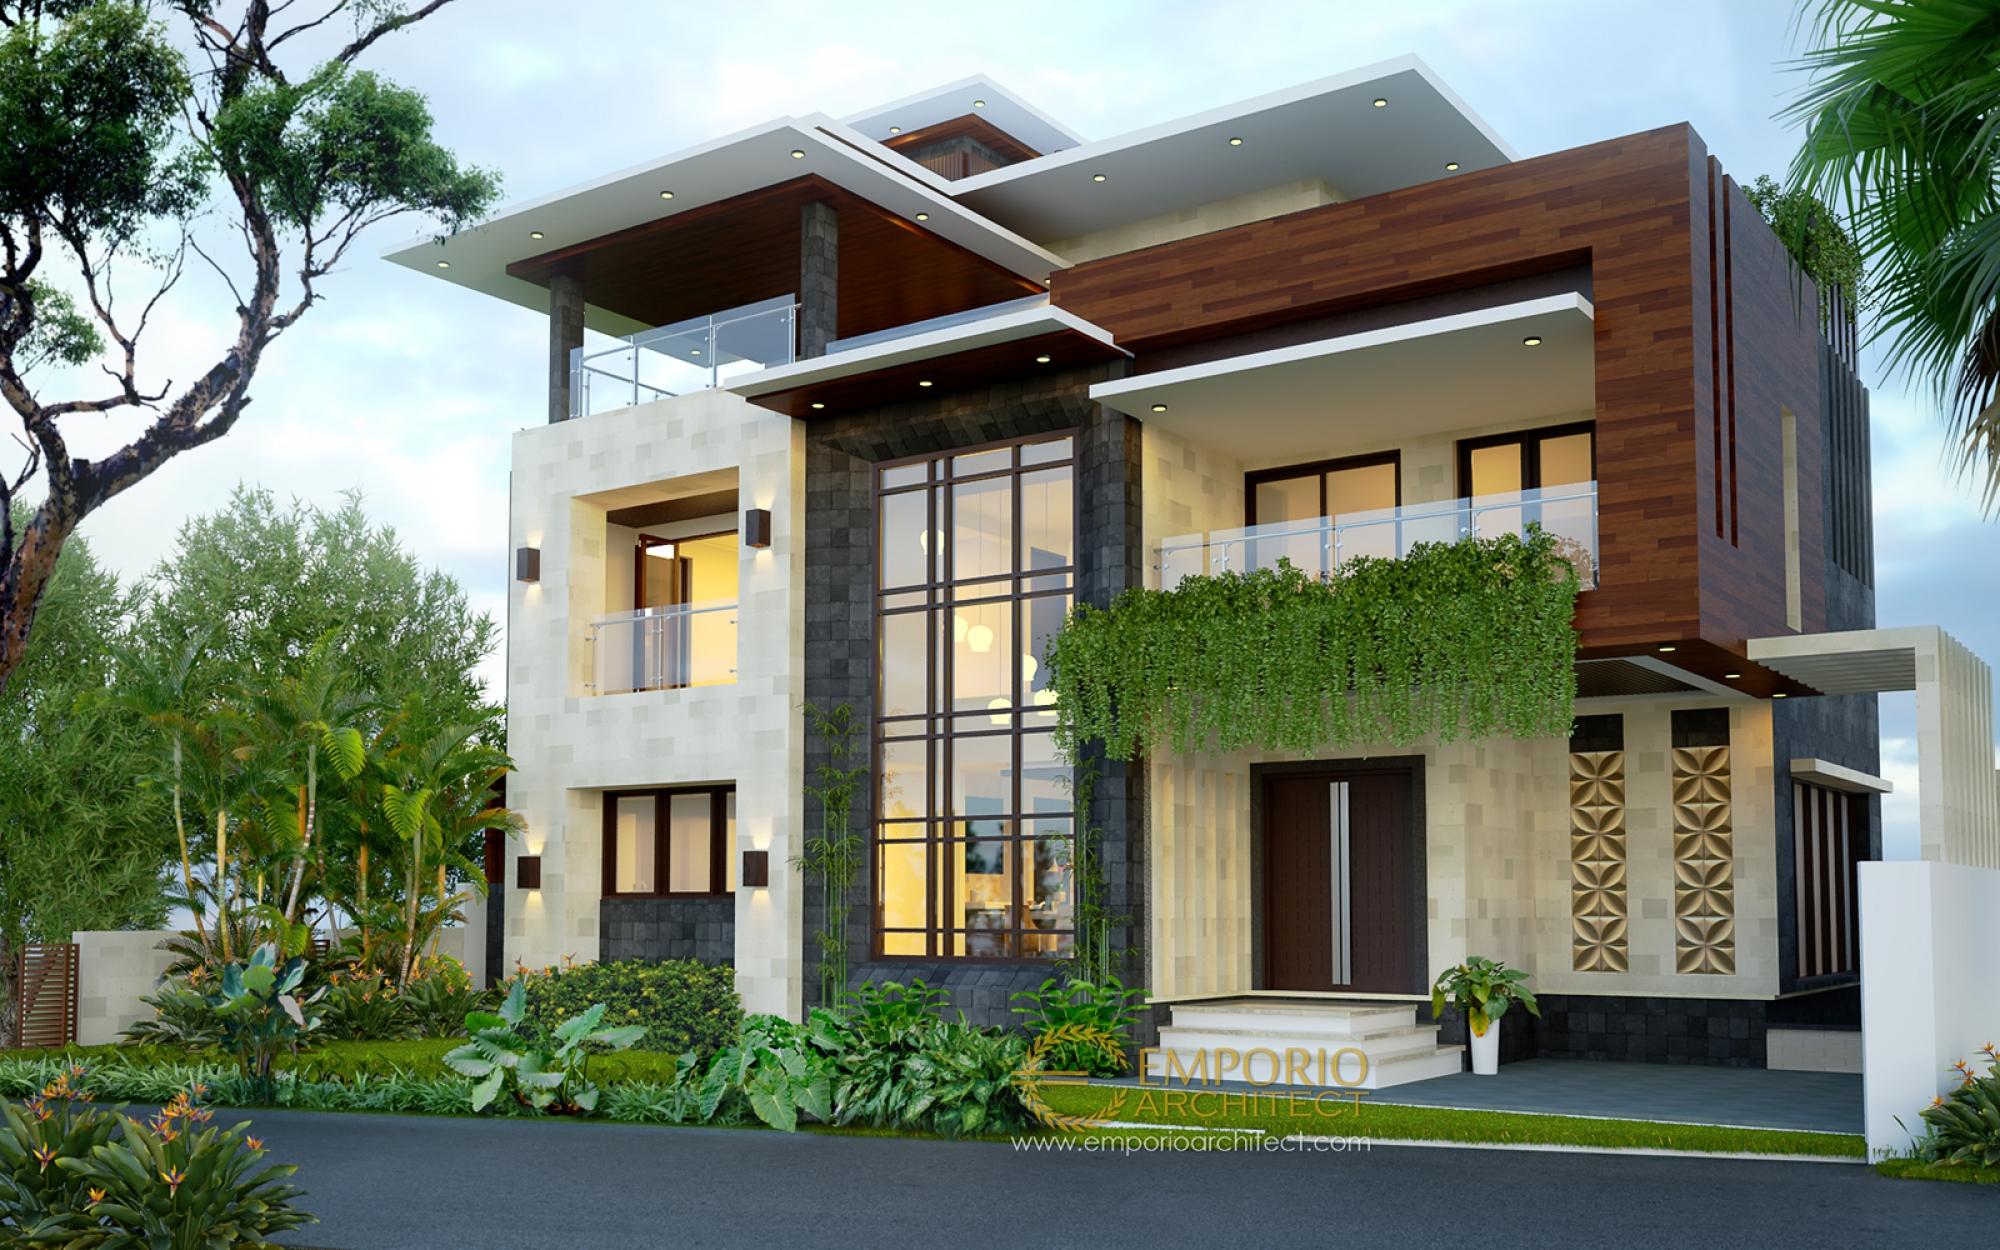 Desain Rumah Minimalis dengan Berbagai Konsep Menarik ...